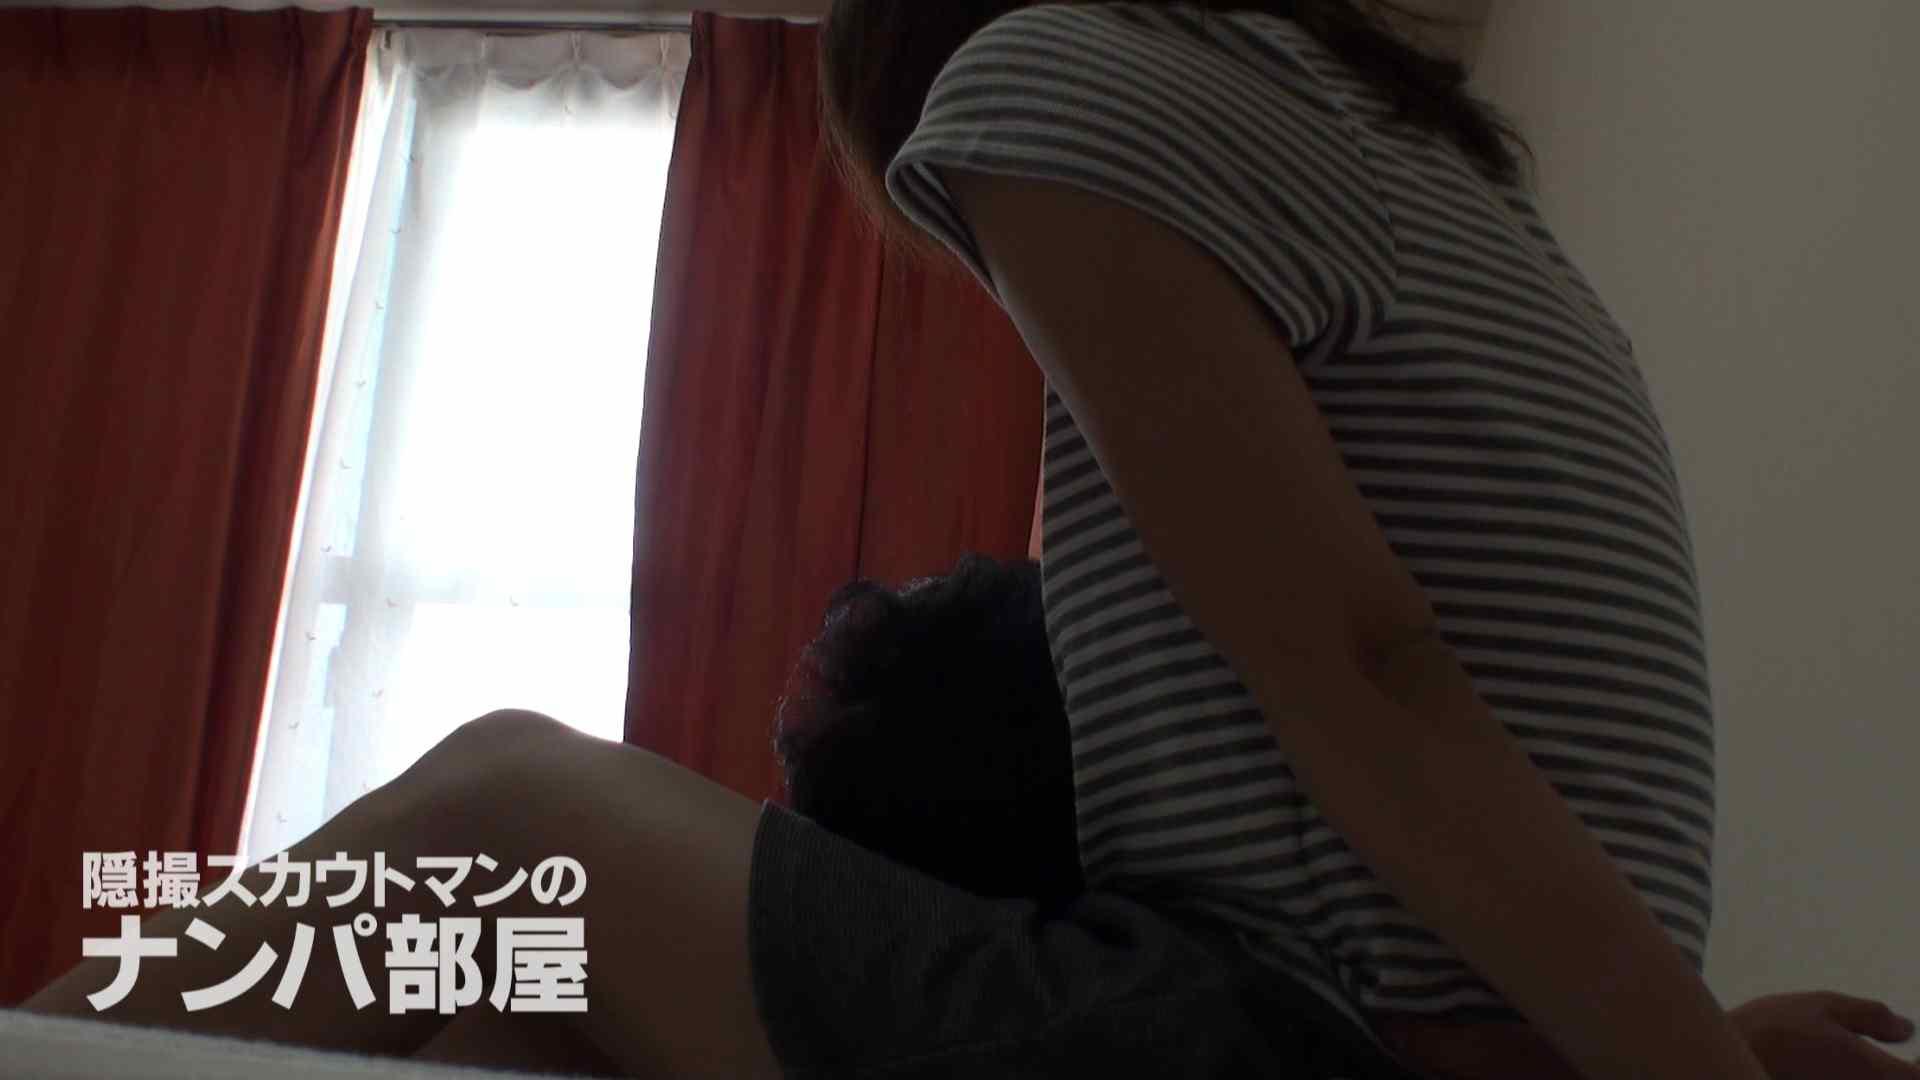 隠撮スカウトマンのナンパ部屋~風俗デビュー前のつまみ食い~ siivol.3 ナンパ  90連発 51